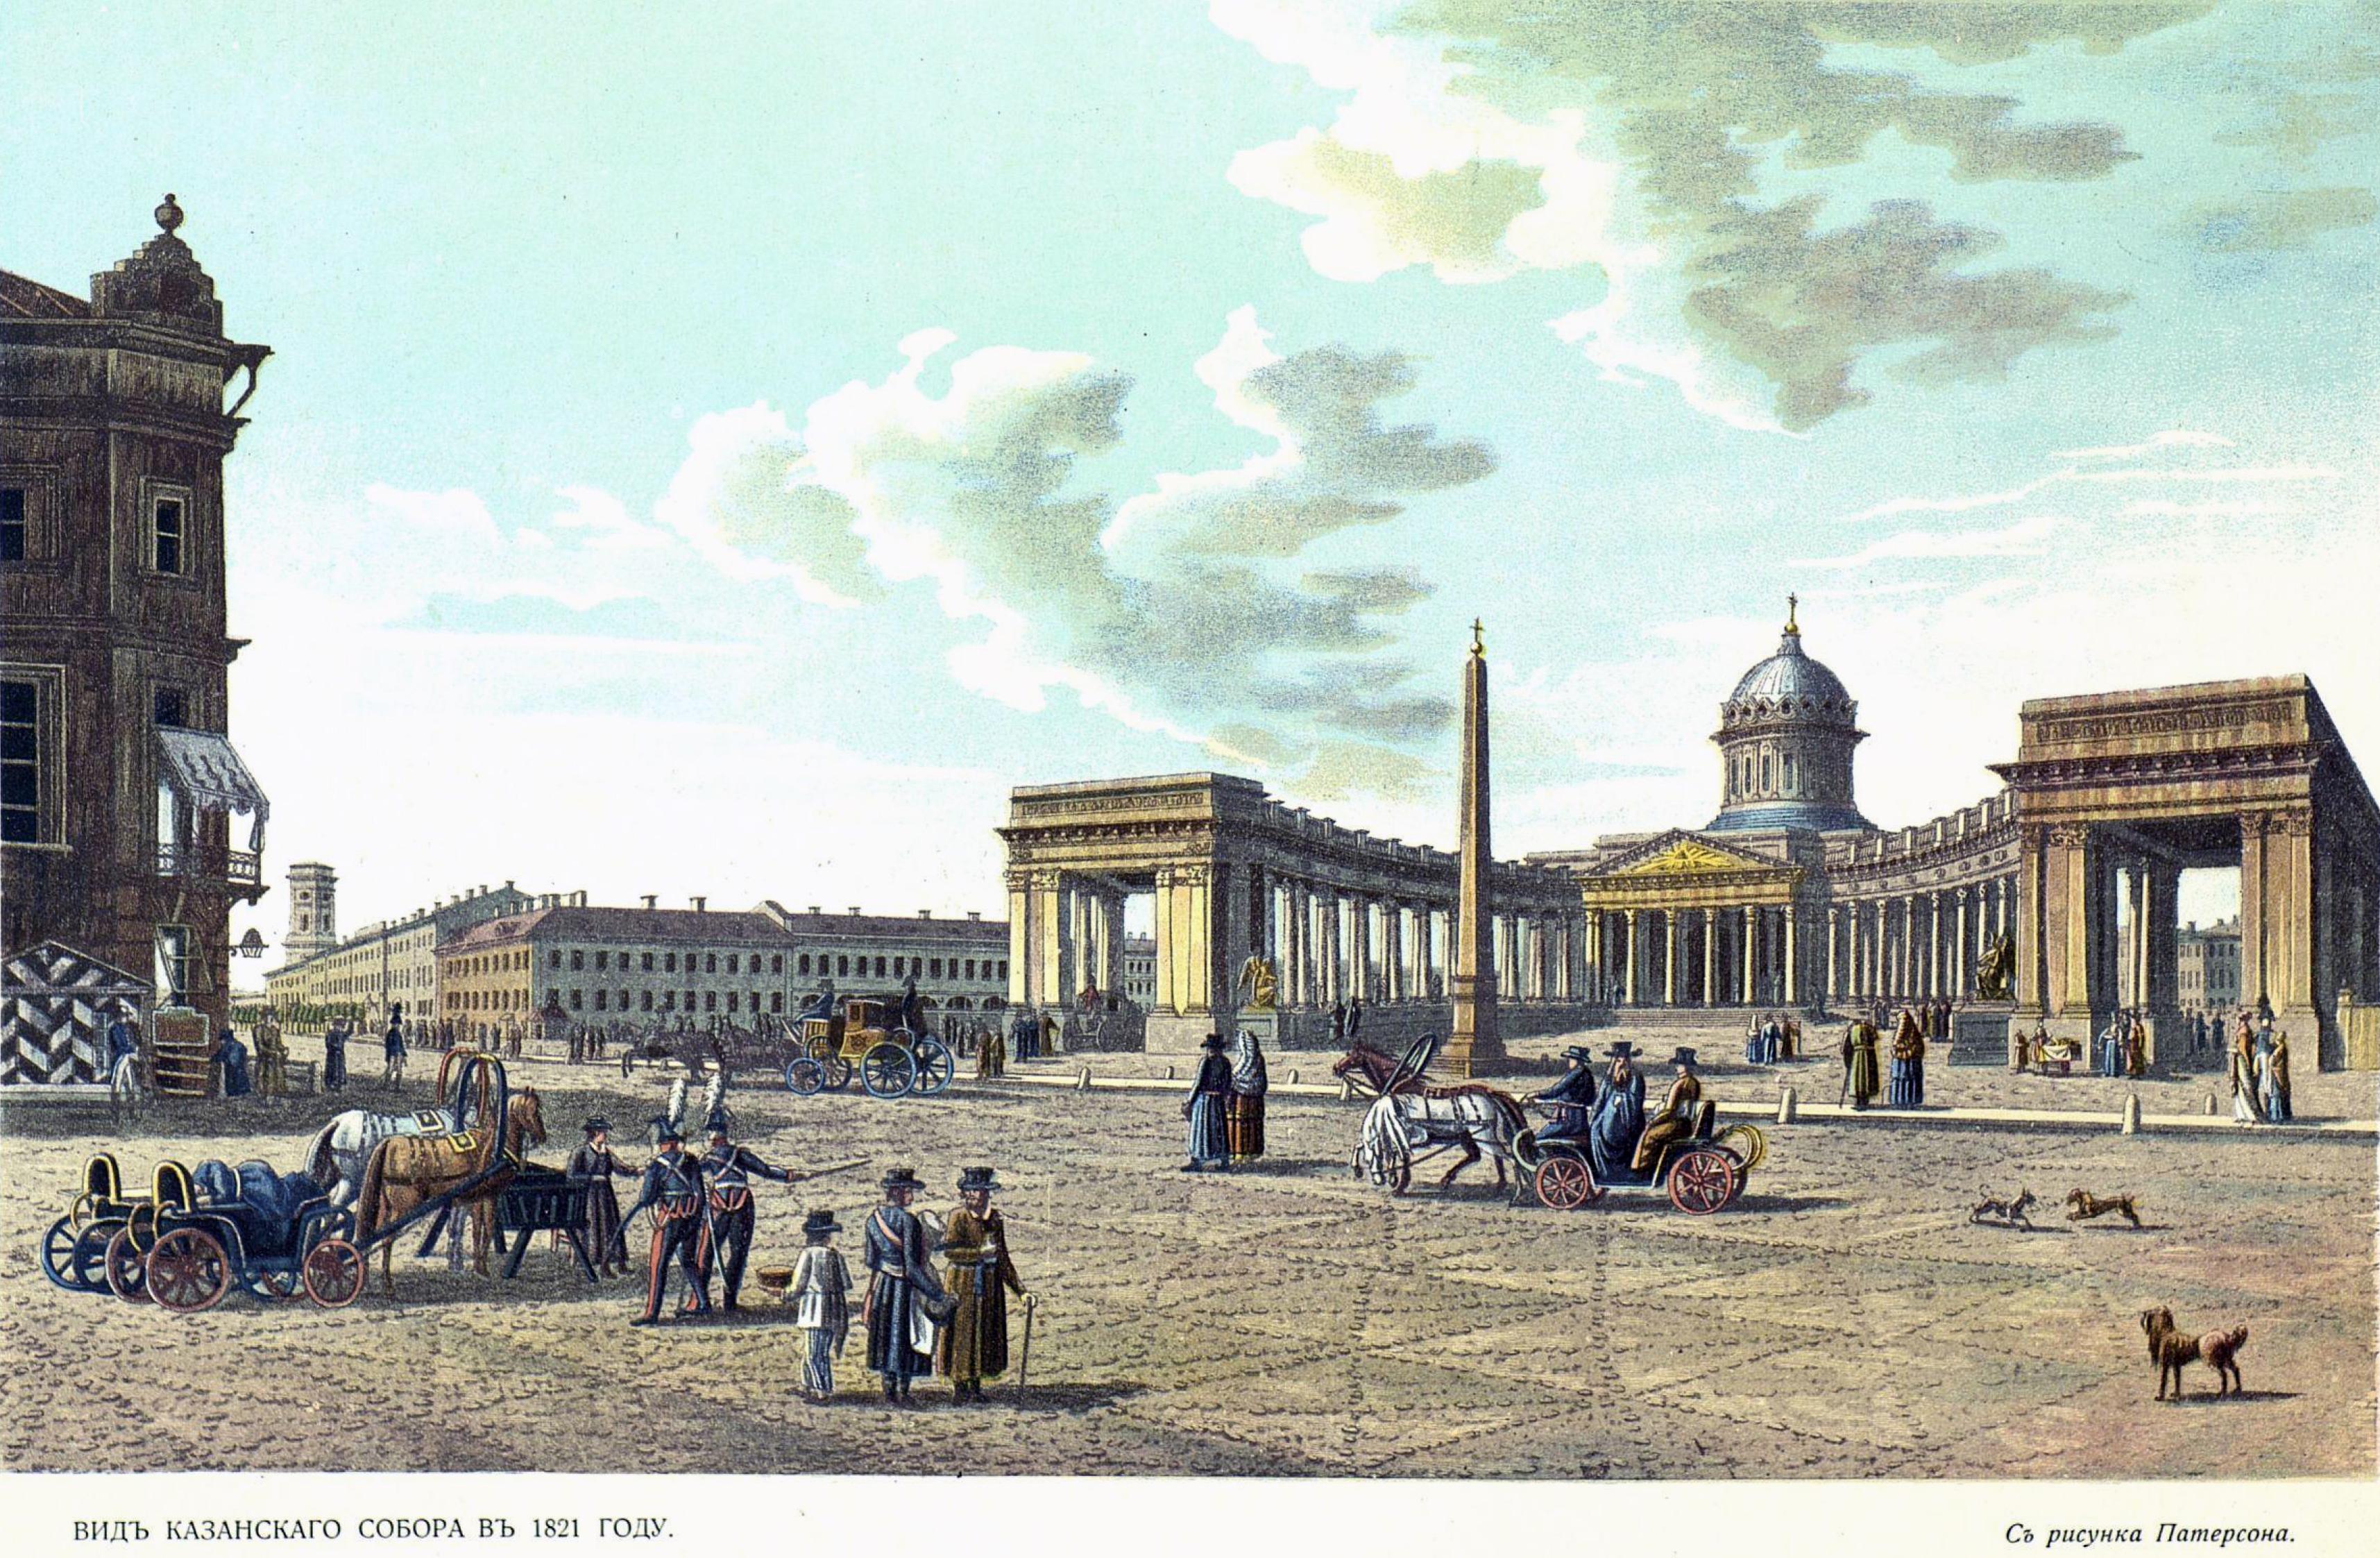 Историческая открытка с видом на Казанский собор